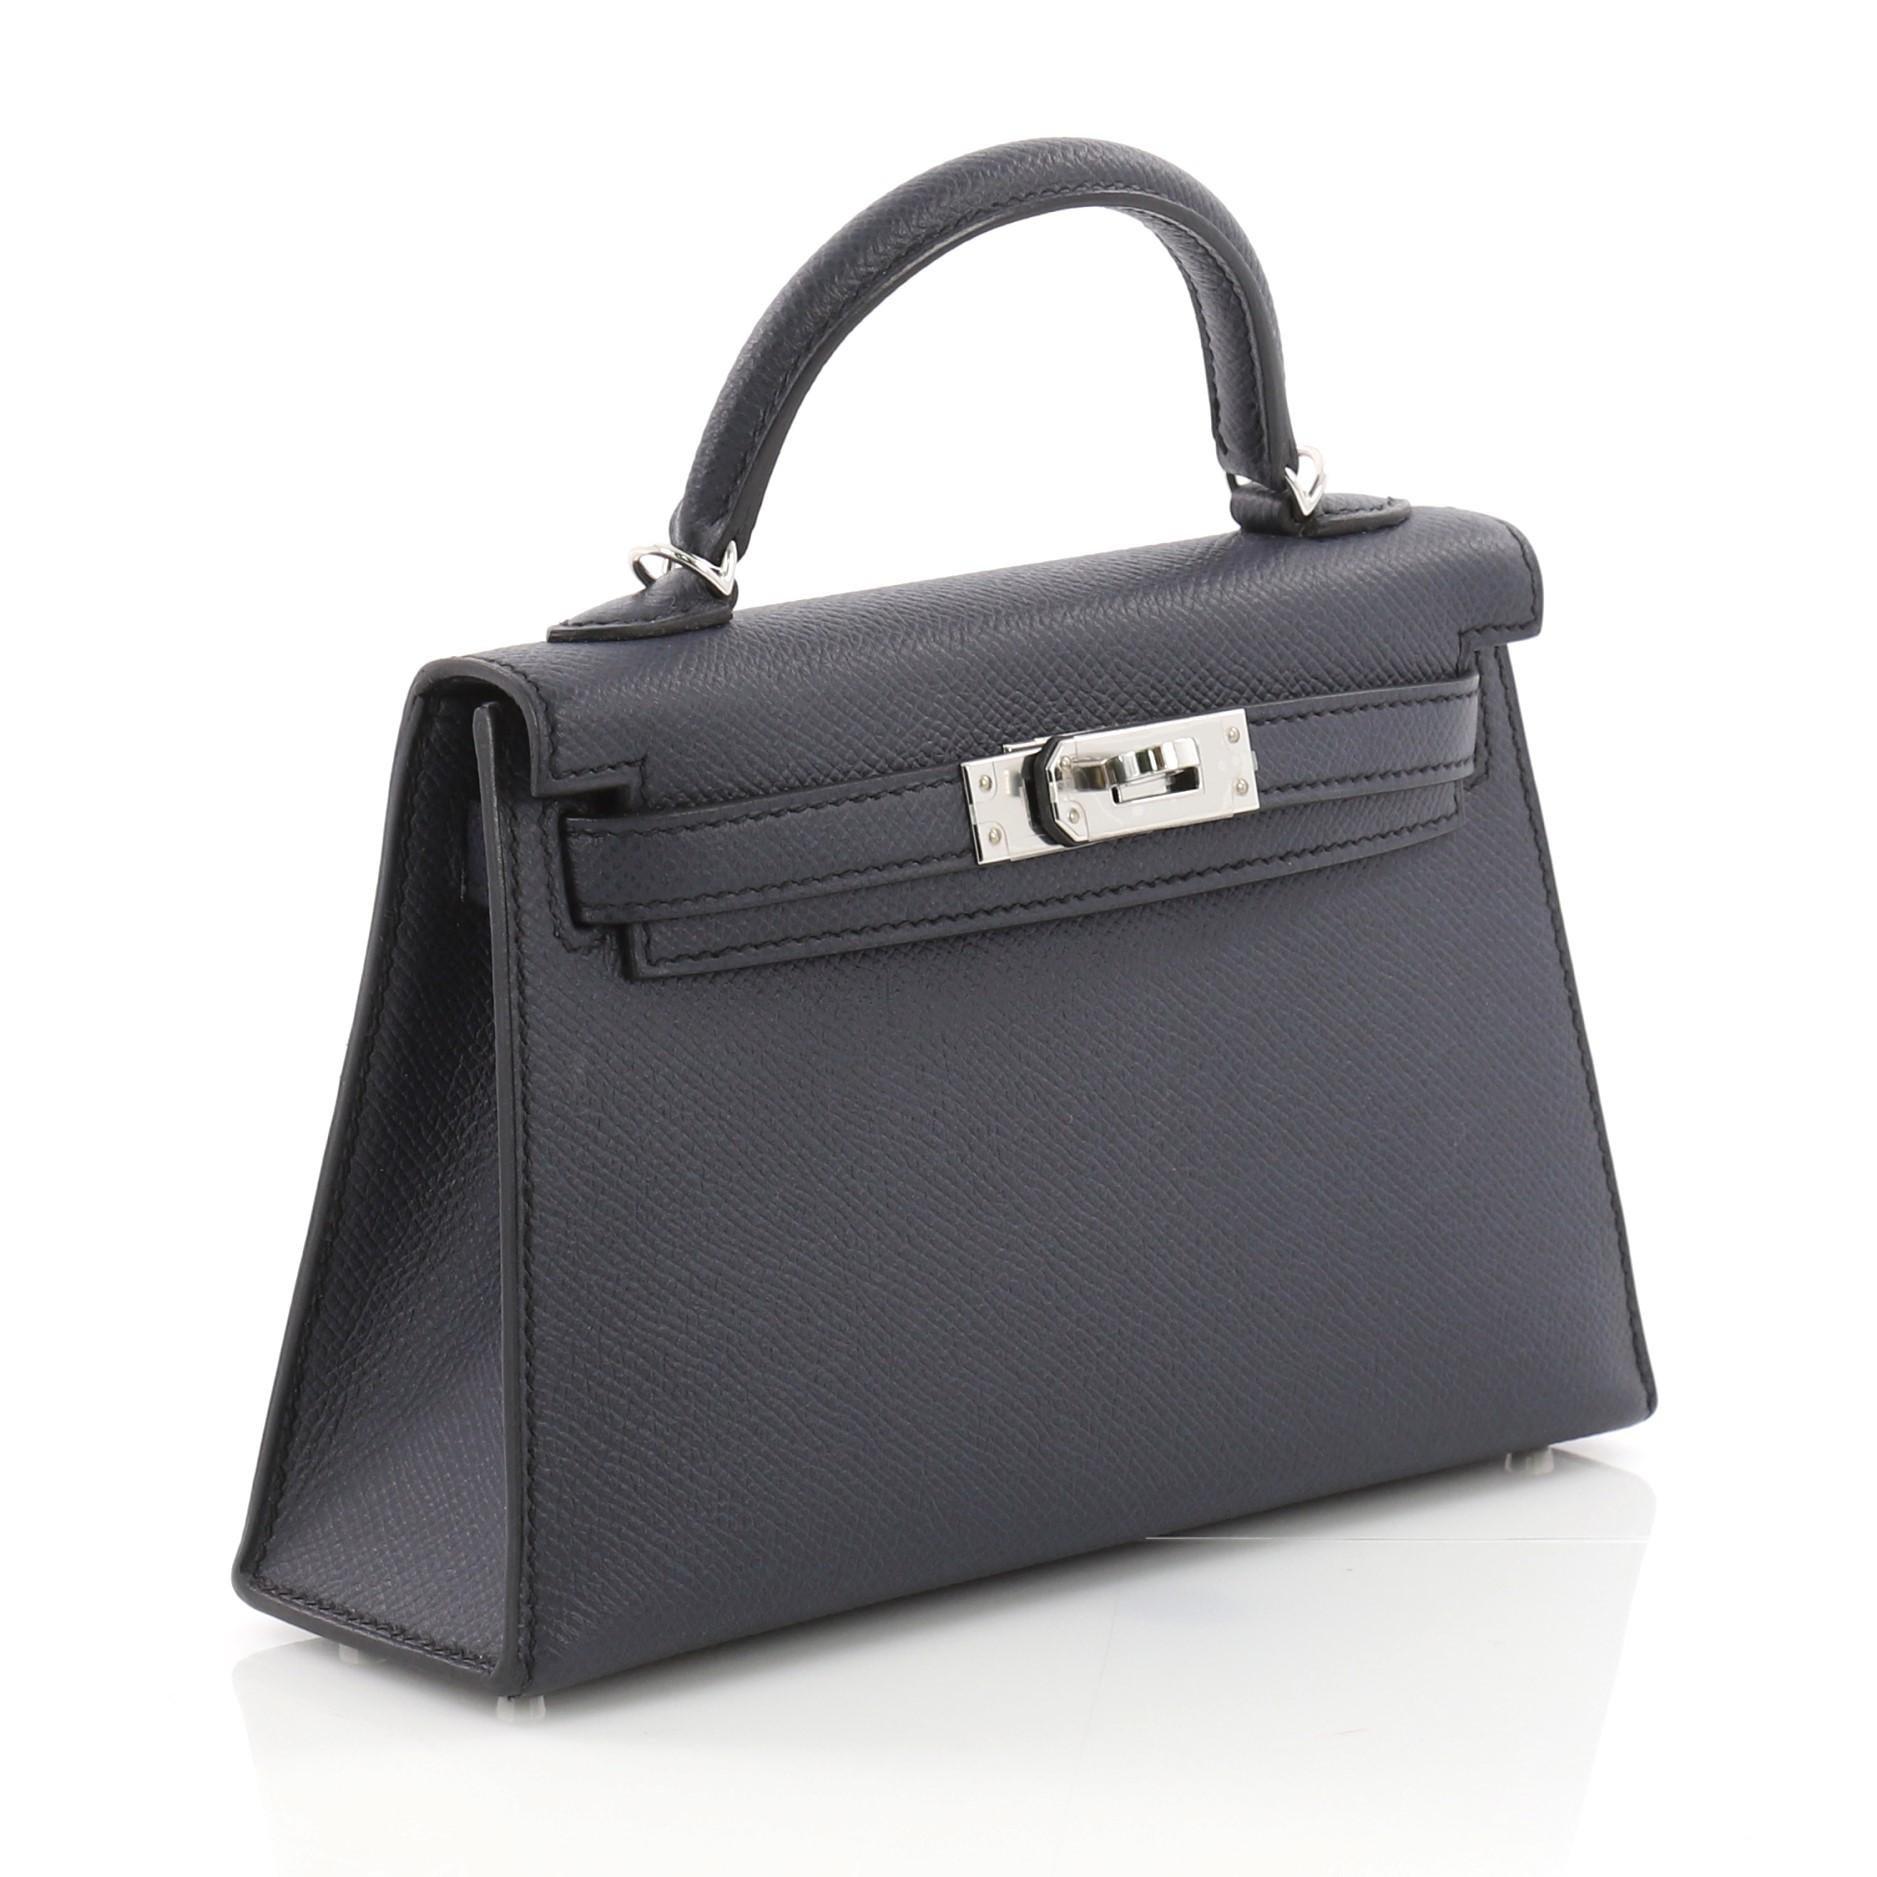 e32677aad8 Hermes Kelly Mini II Handbag Blue Indigo Epsom with Palladium Hardware 20  at 1stdibs